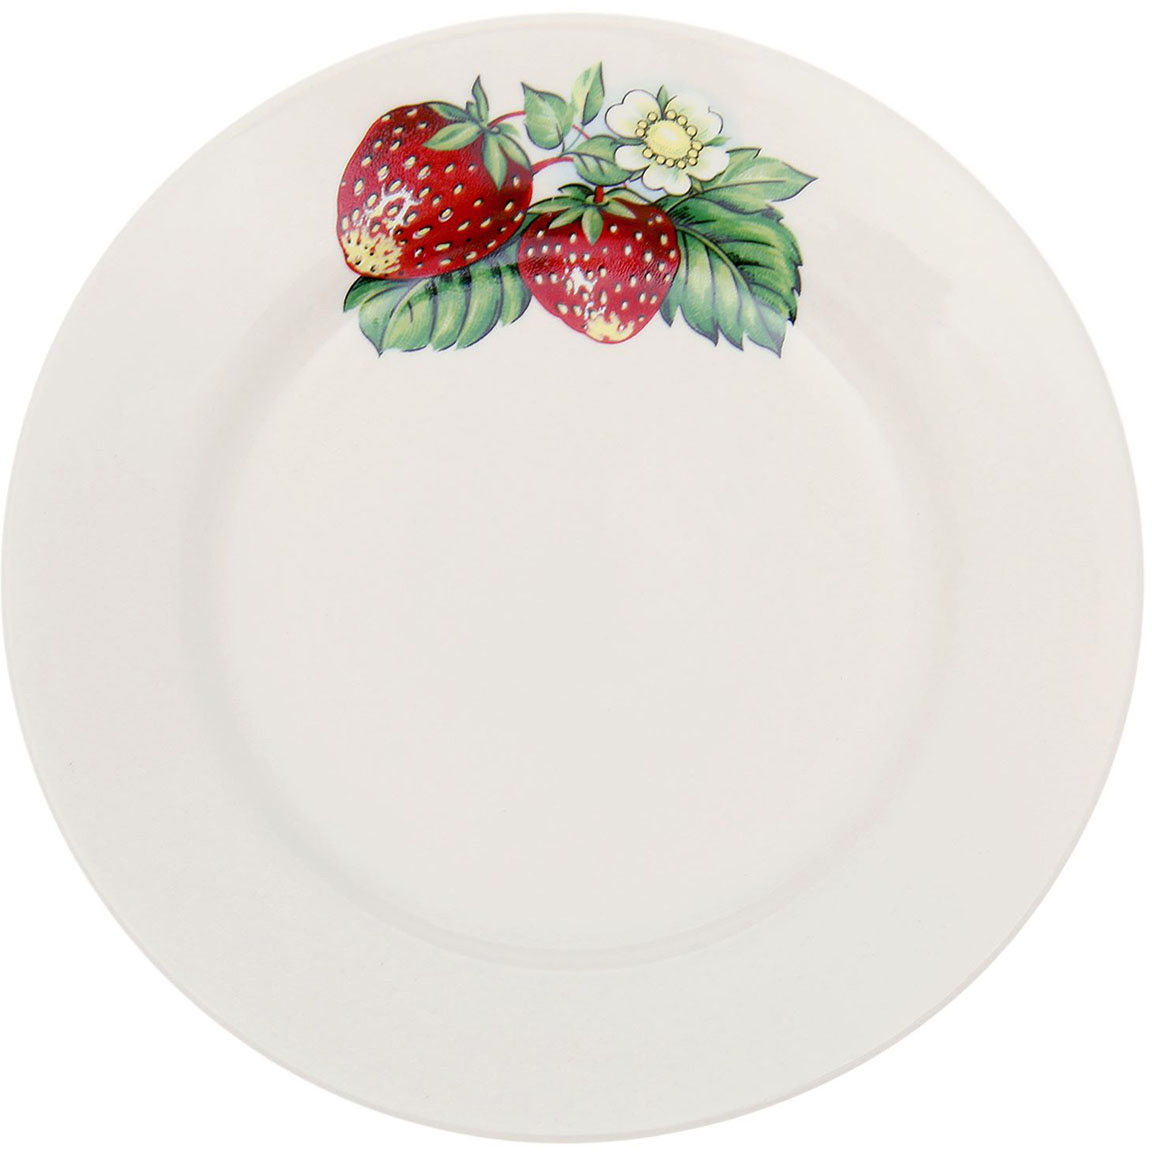 Тарелка мелкая Керамика ручной работы Земляничная пара, диаметр 17,5 см1764839Данная тарелка понравится любителям вкусной и полезной домашней пищи. Такая посуда практична и красива, в ней можно хранить и подавать разнообразные блюда. При многократном использовании изделие сохранит свой вид и выдержит мытье в посудомоечной машине. В керамической емкости горячая пища долго сохраняет свое тепло, остуженные блюда остаются прохладными. Изделие не выделяет вредных веществ при нагревании и длительном хранении за счет экологичности материала.